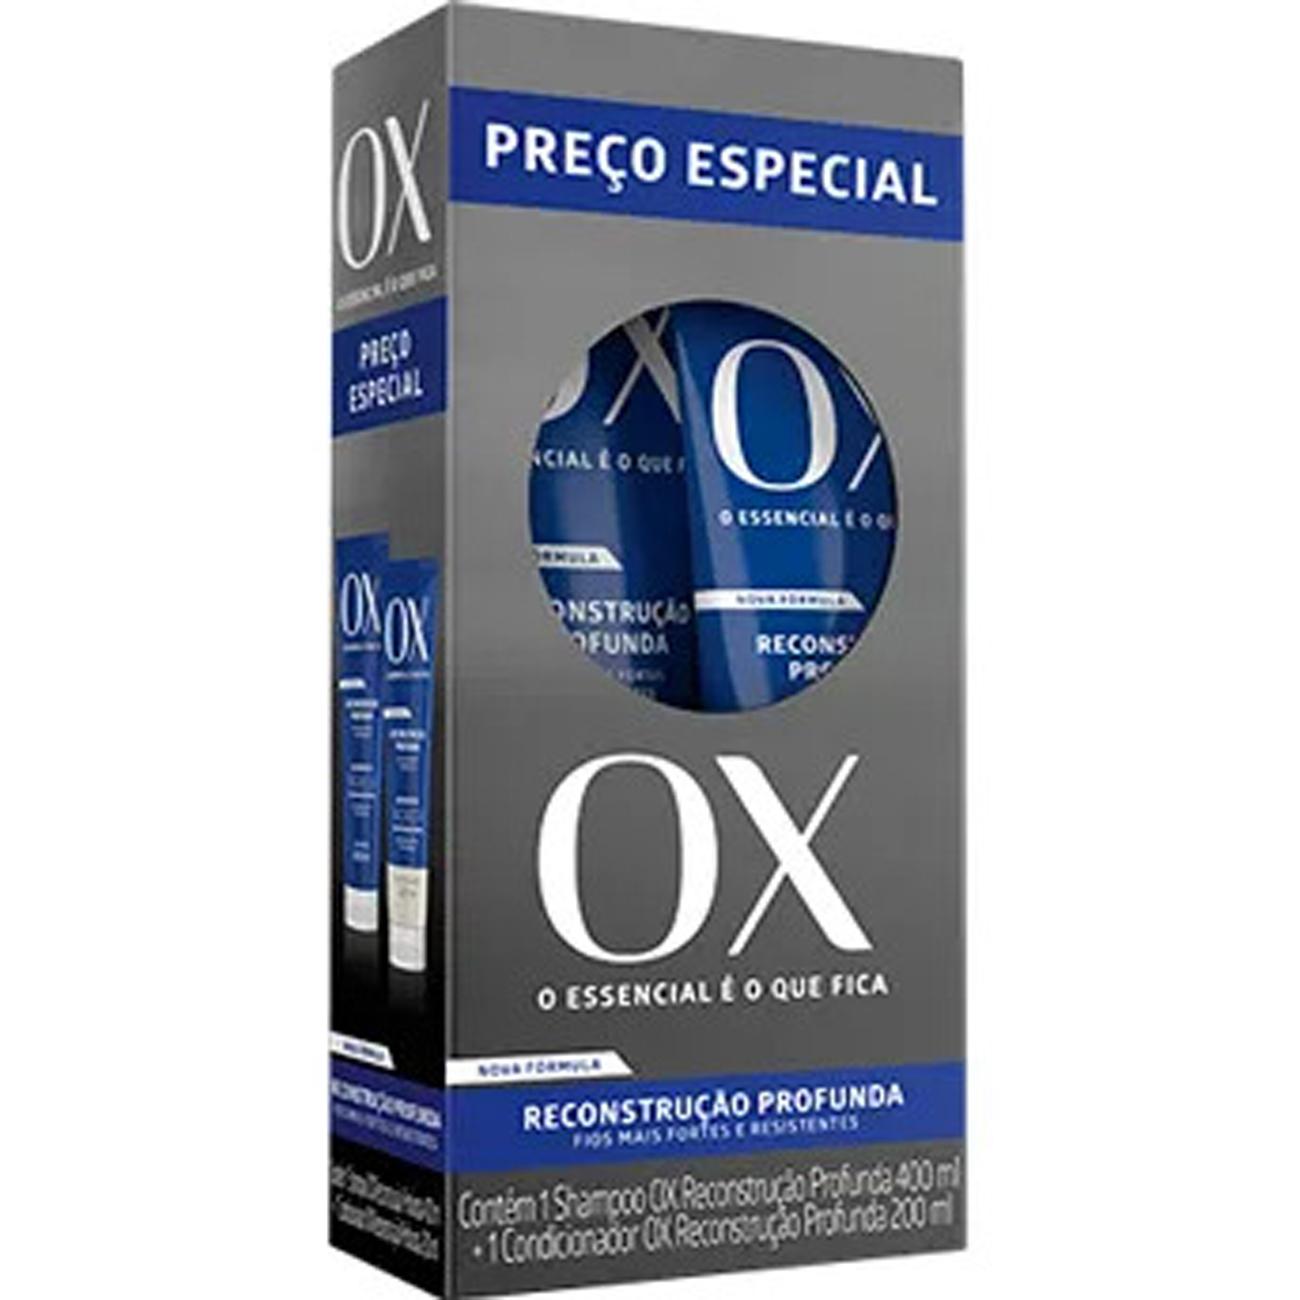 Kit Shampoo Ox_Reconstrucao 400Ml + Condicionador 200Ml